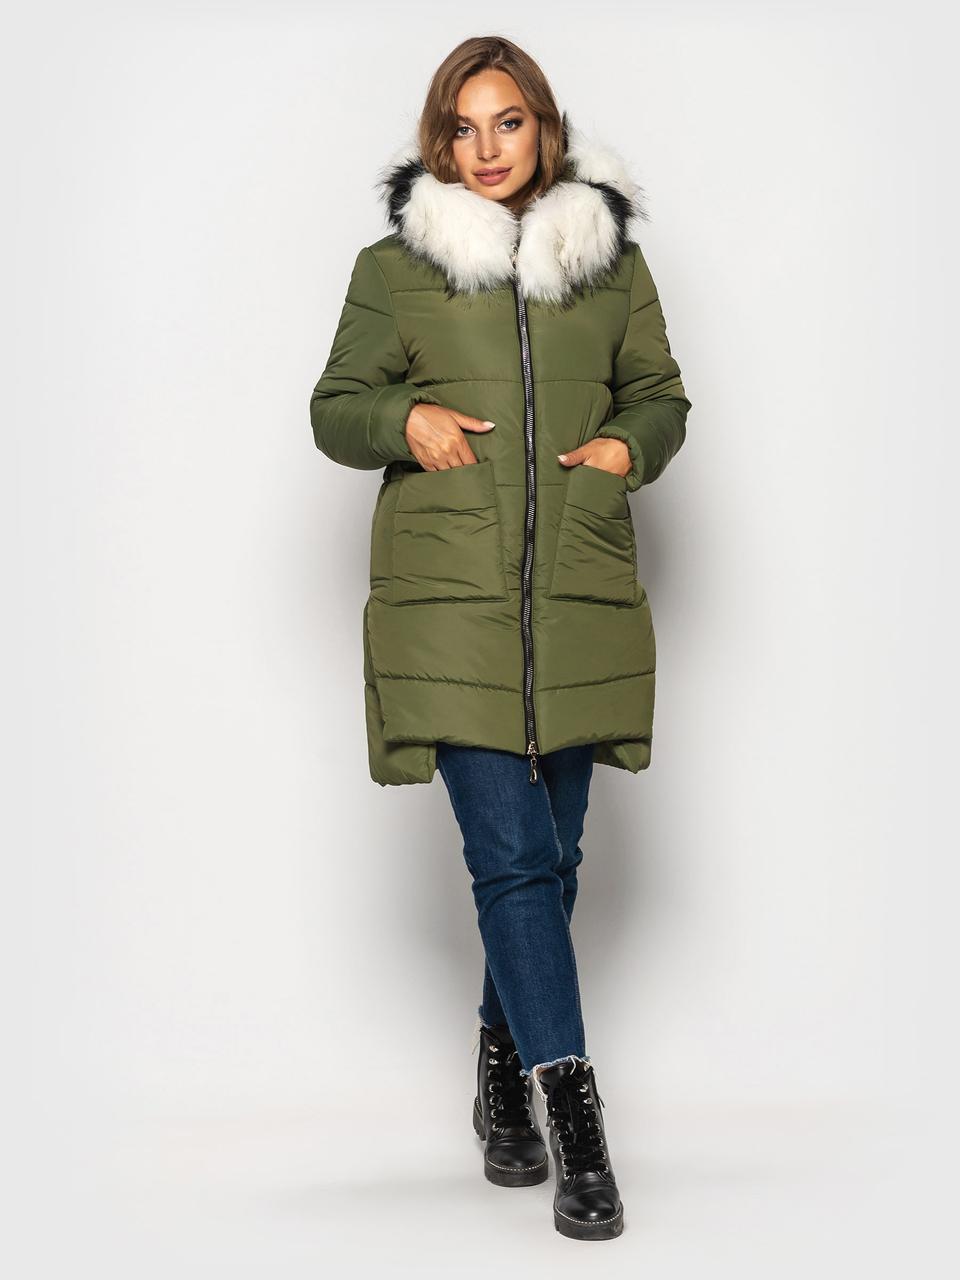 Куртка женская зимняя 79 ( 4 расцветки)